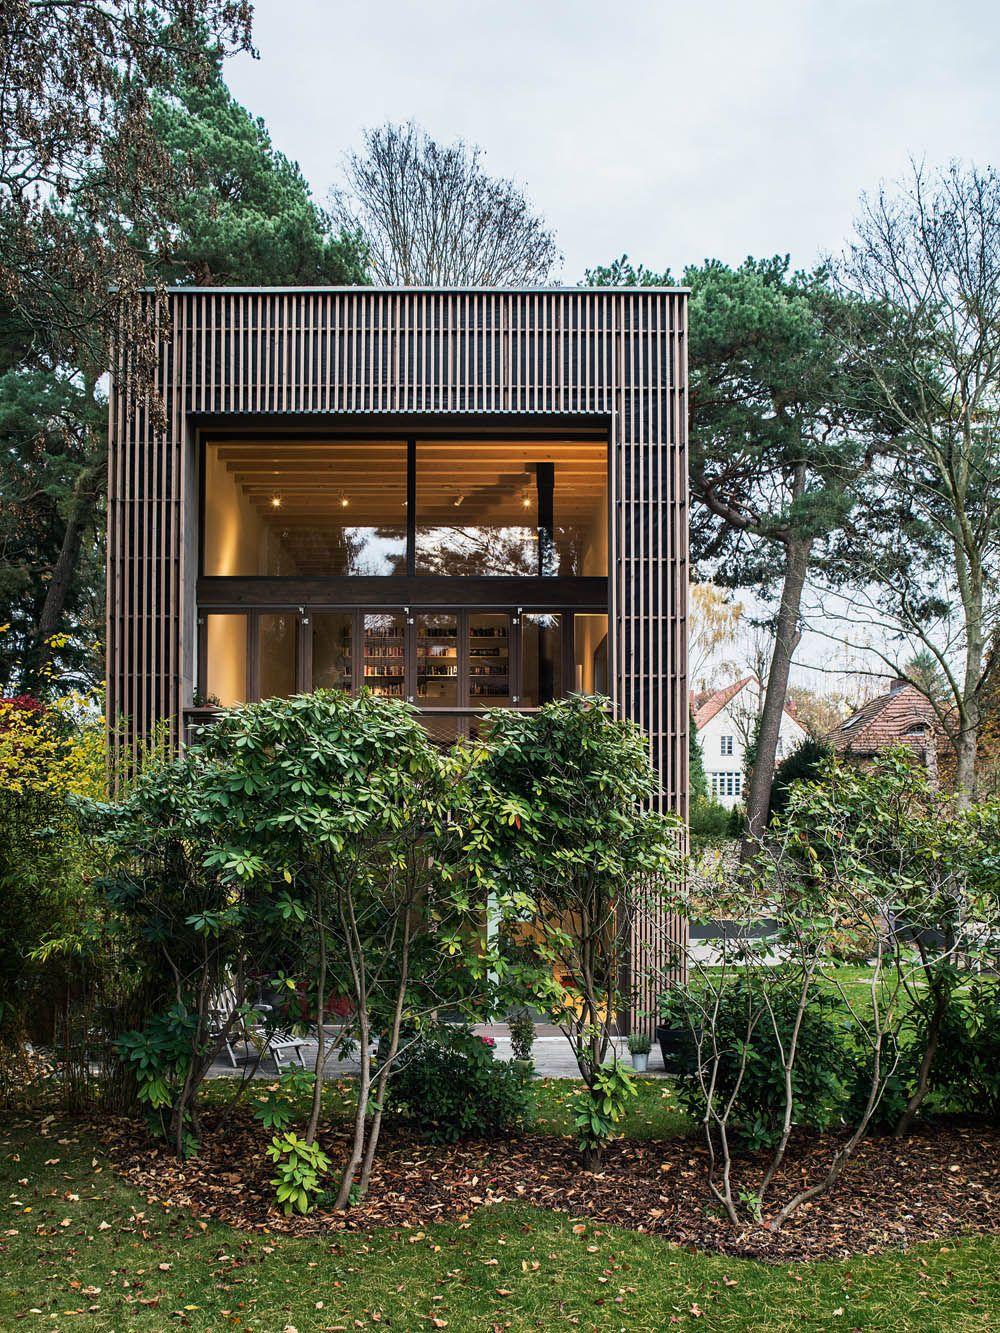 Gartenhaus | Gartenhäuser, Architekten und Familien